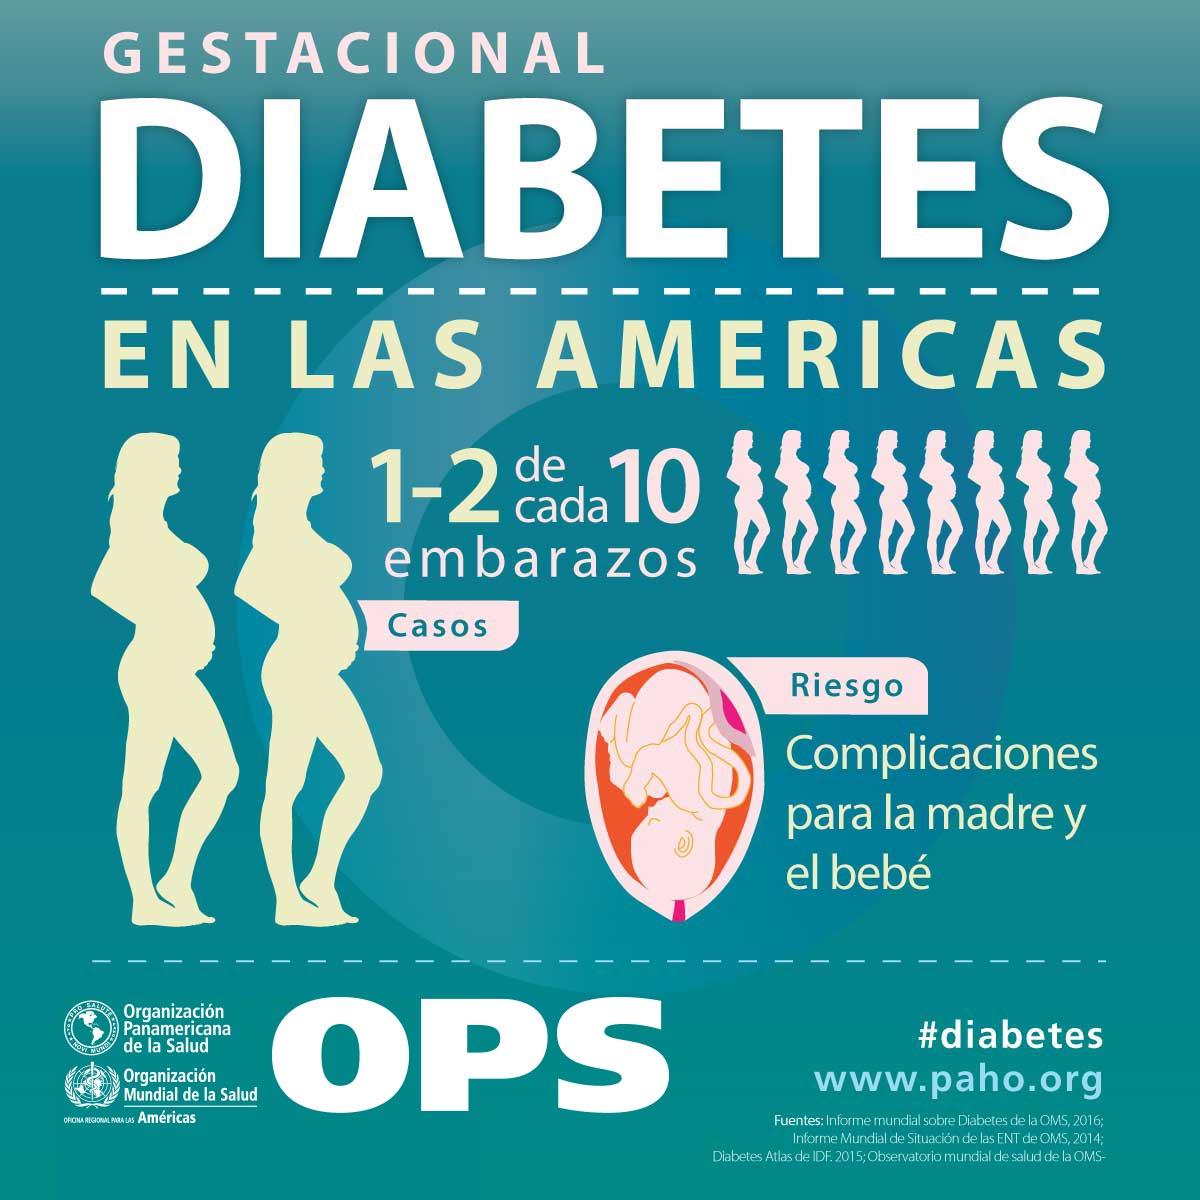 signos de peligro de diabetes tipo 2